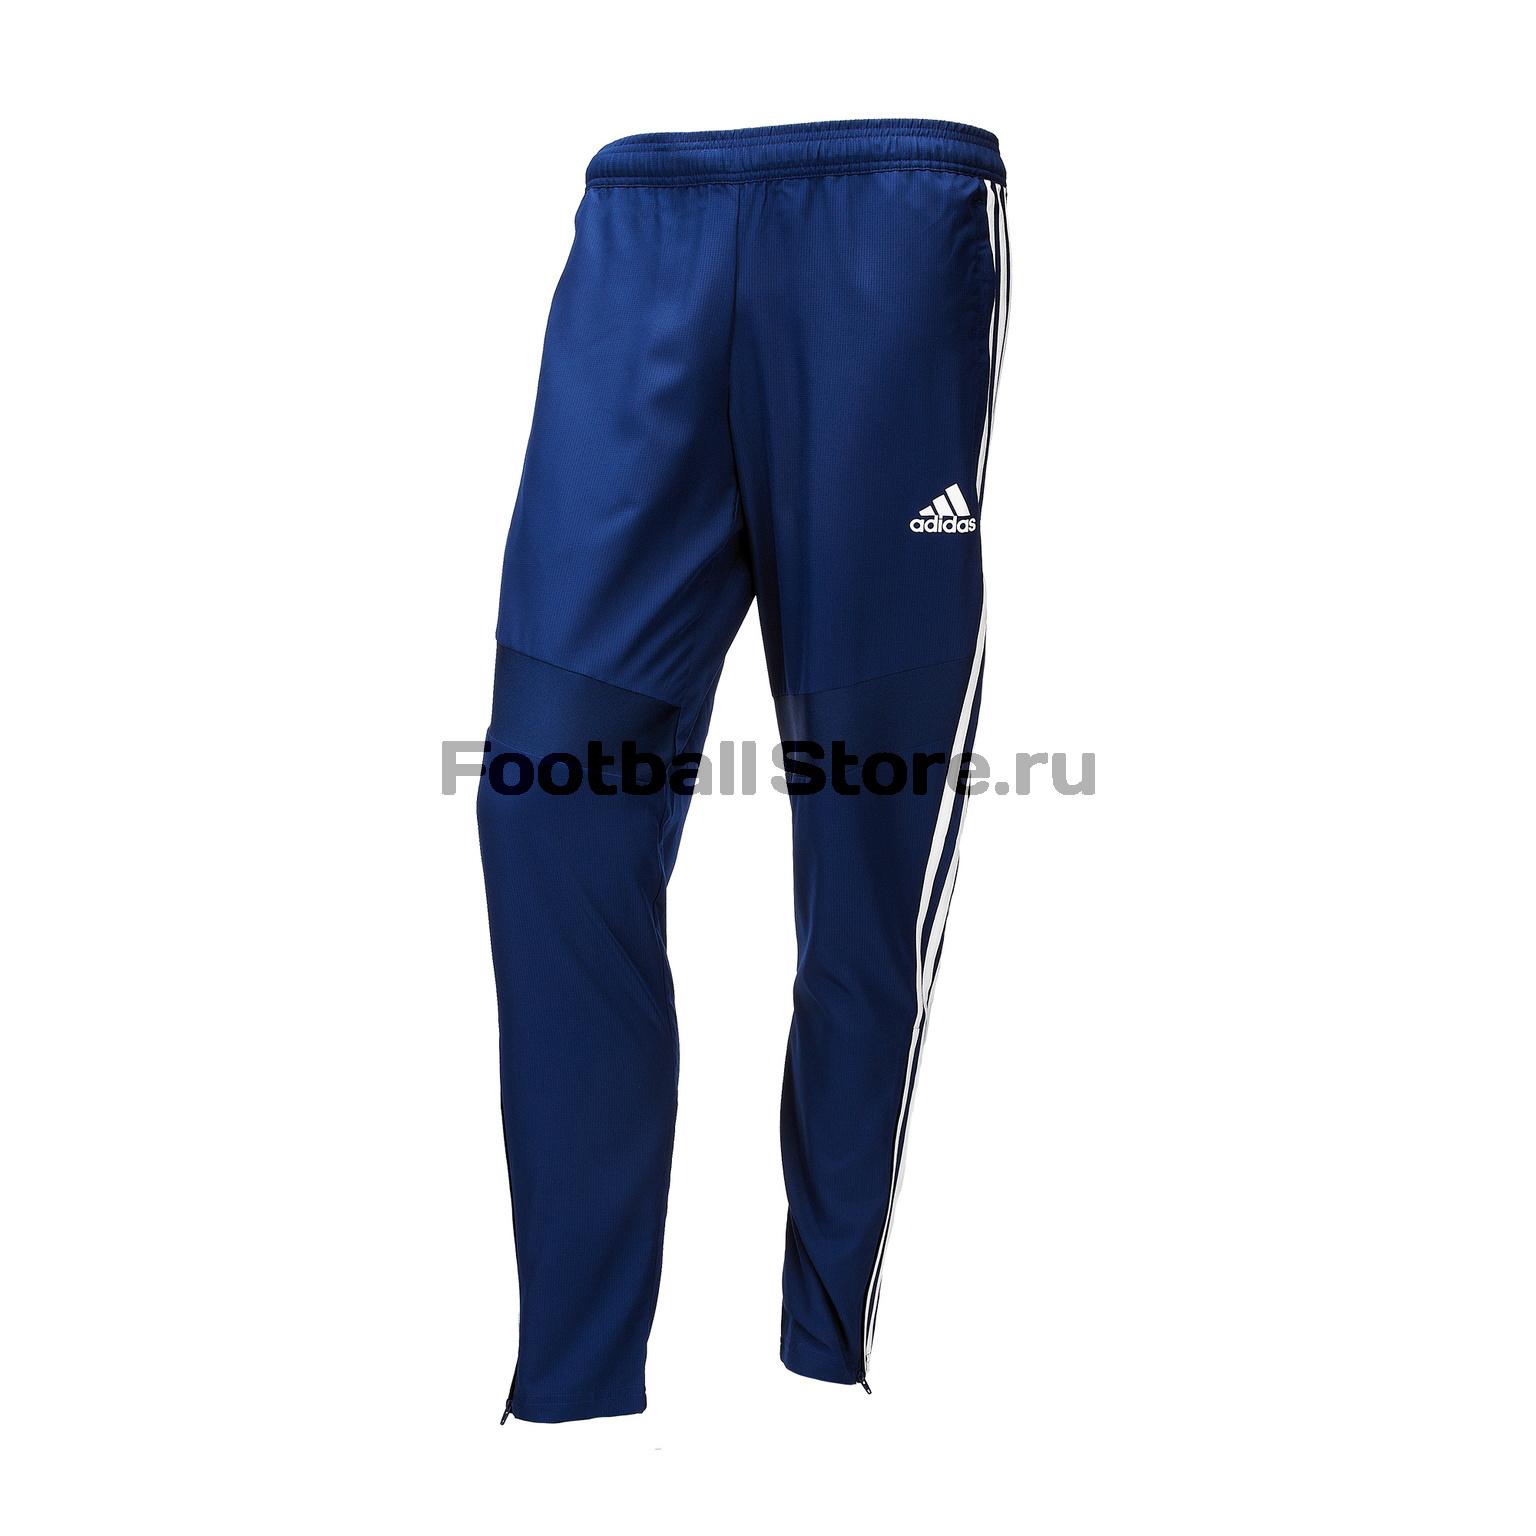 Брюки тренировочные Adidas Tiro19 Wov Panrt DT5180 шорты для мальчика adidas tiro17 wov shoy цвет черный ay2892 размер 128